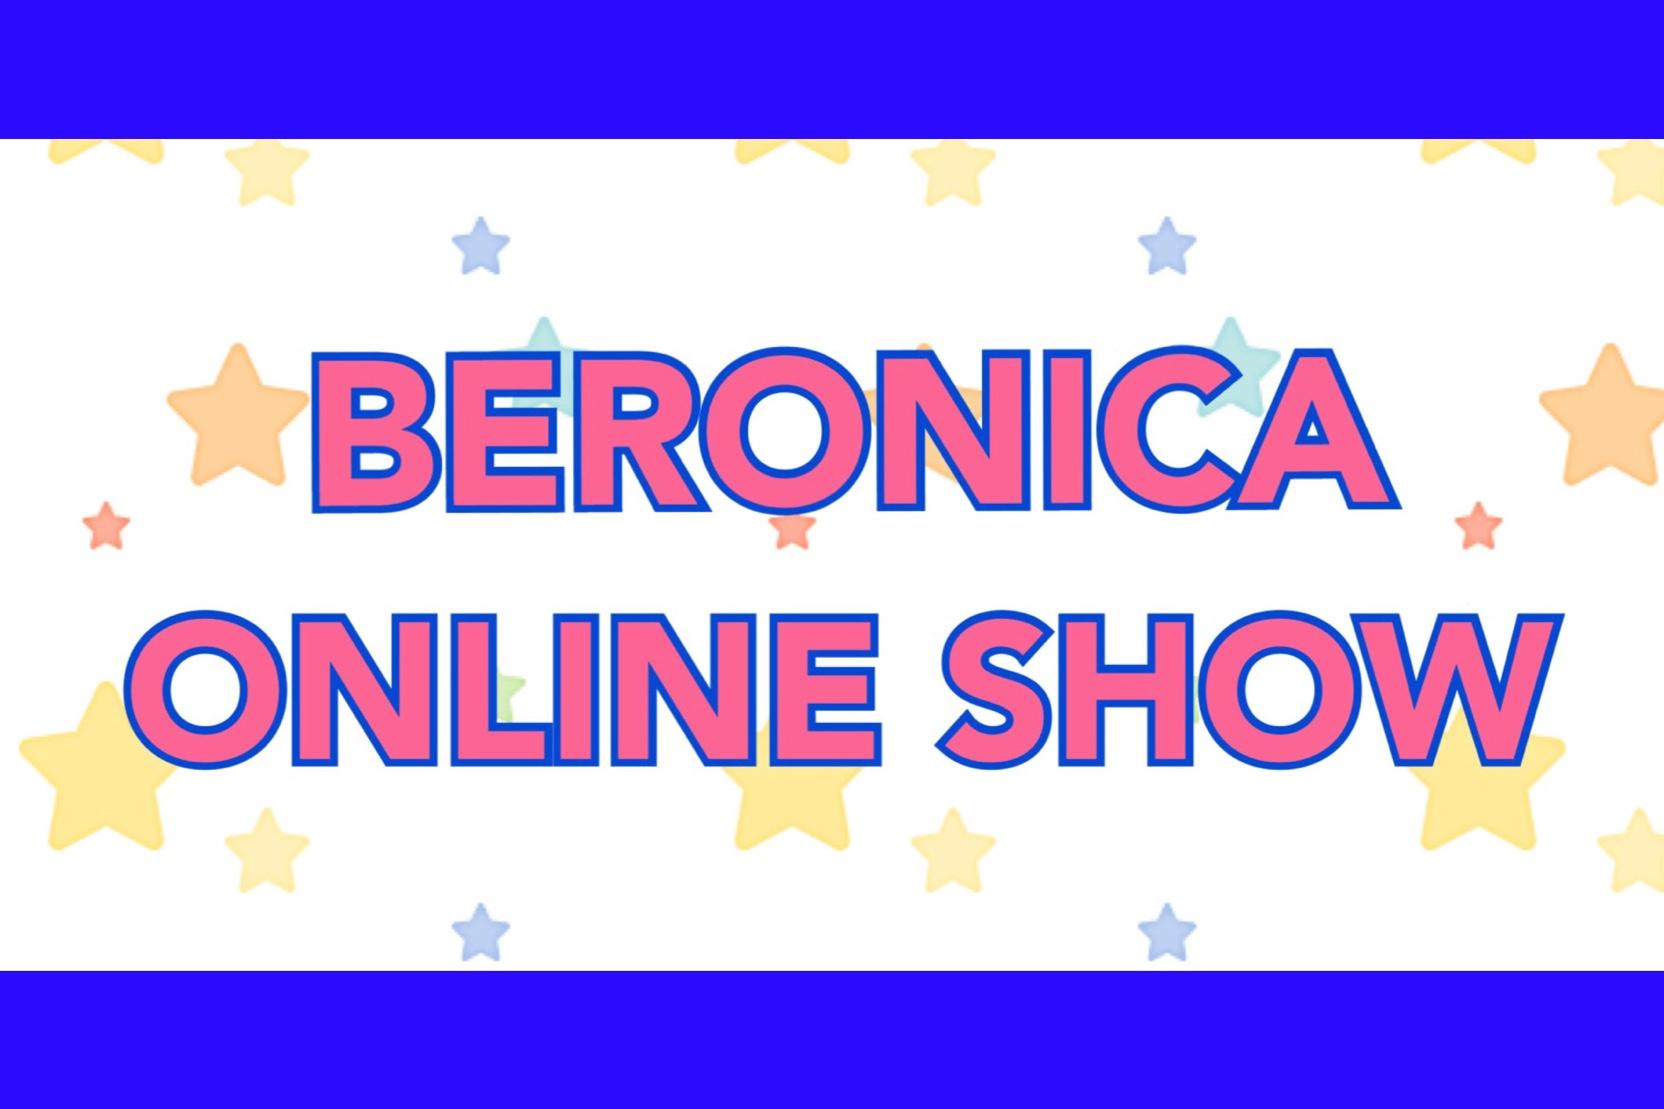 ★投げ銭専用★ 3/5無観客配信【BERONICA ONLINE SHOW】